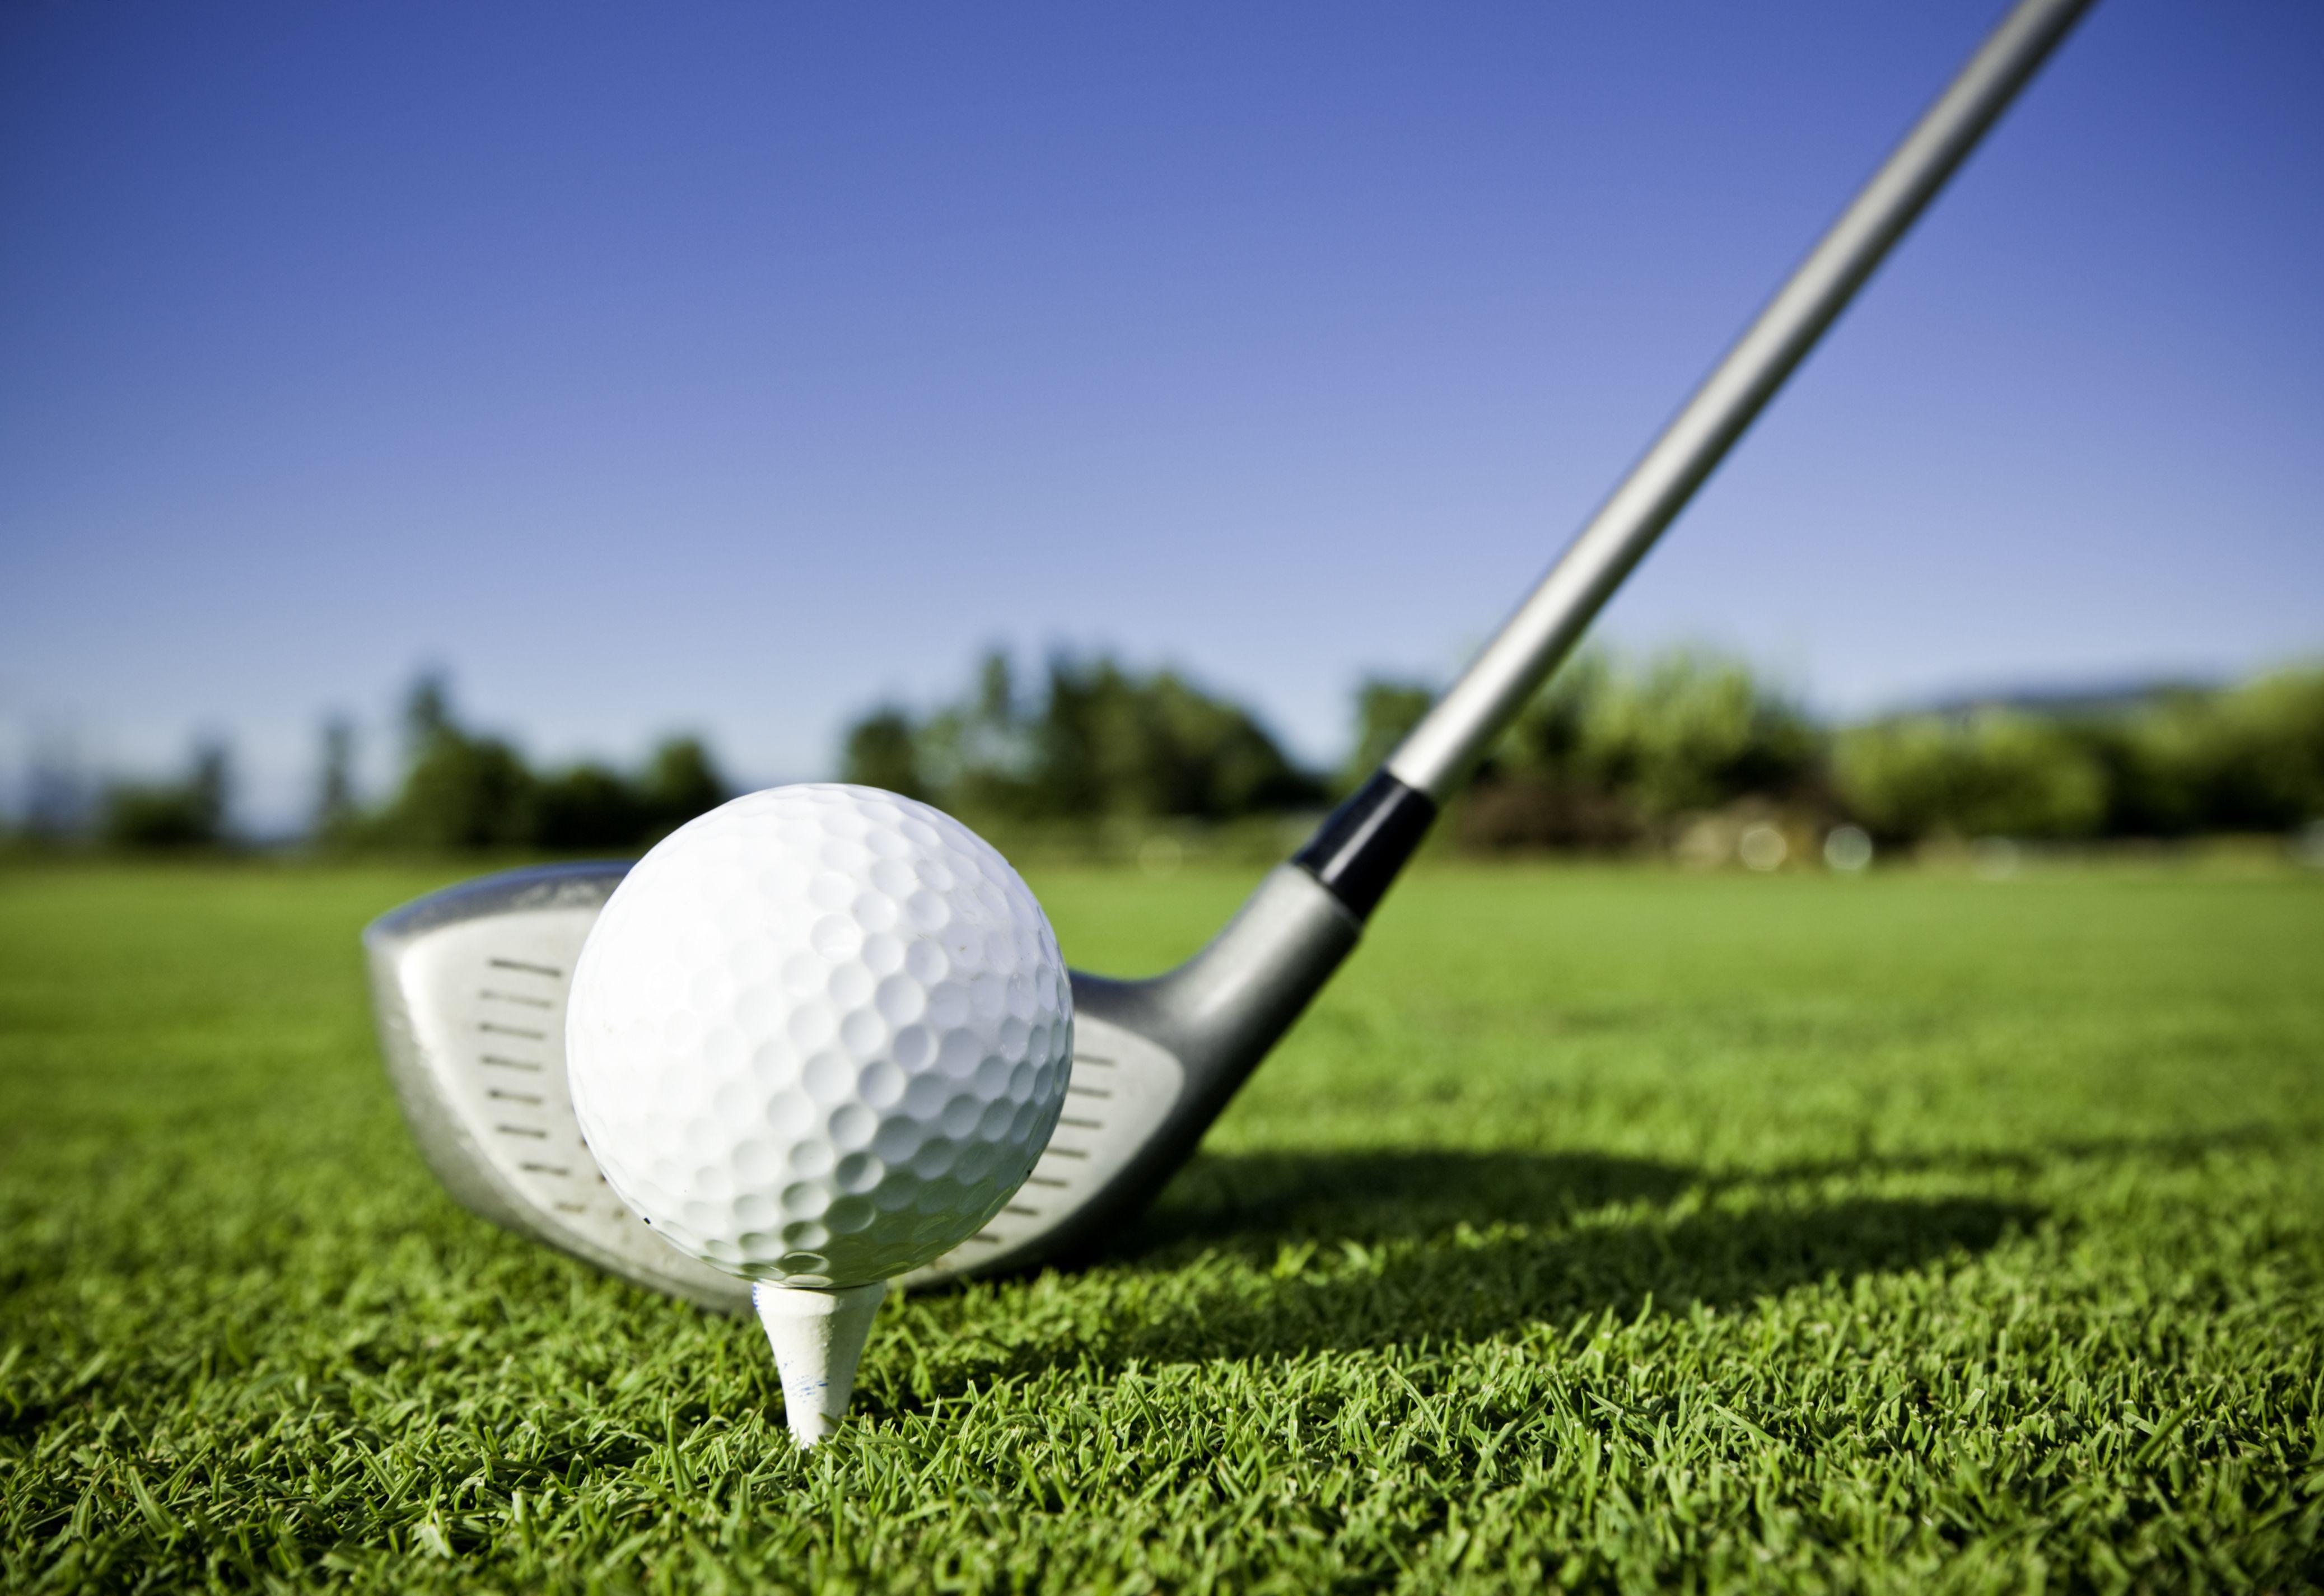 Kết quả hình ảnh cho tee golf